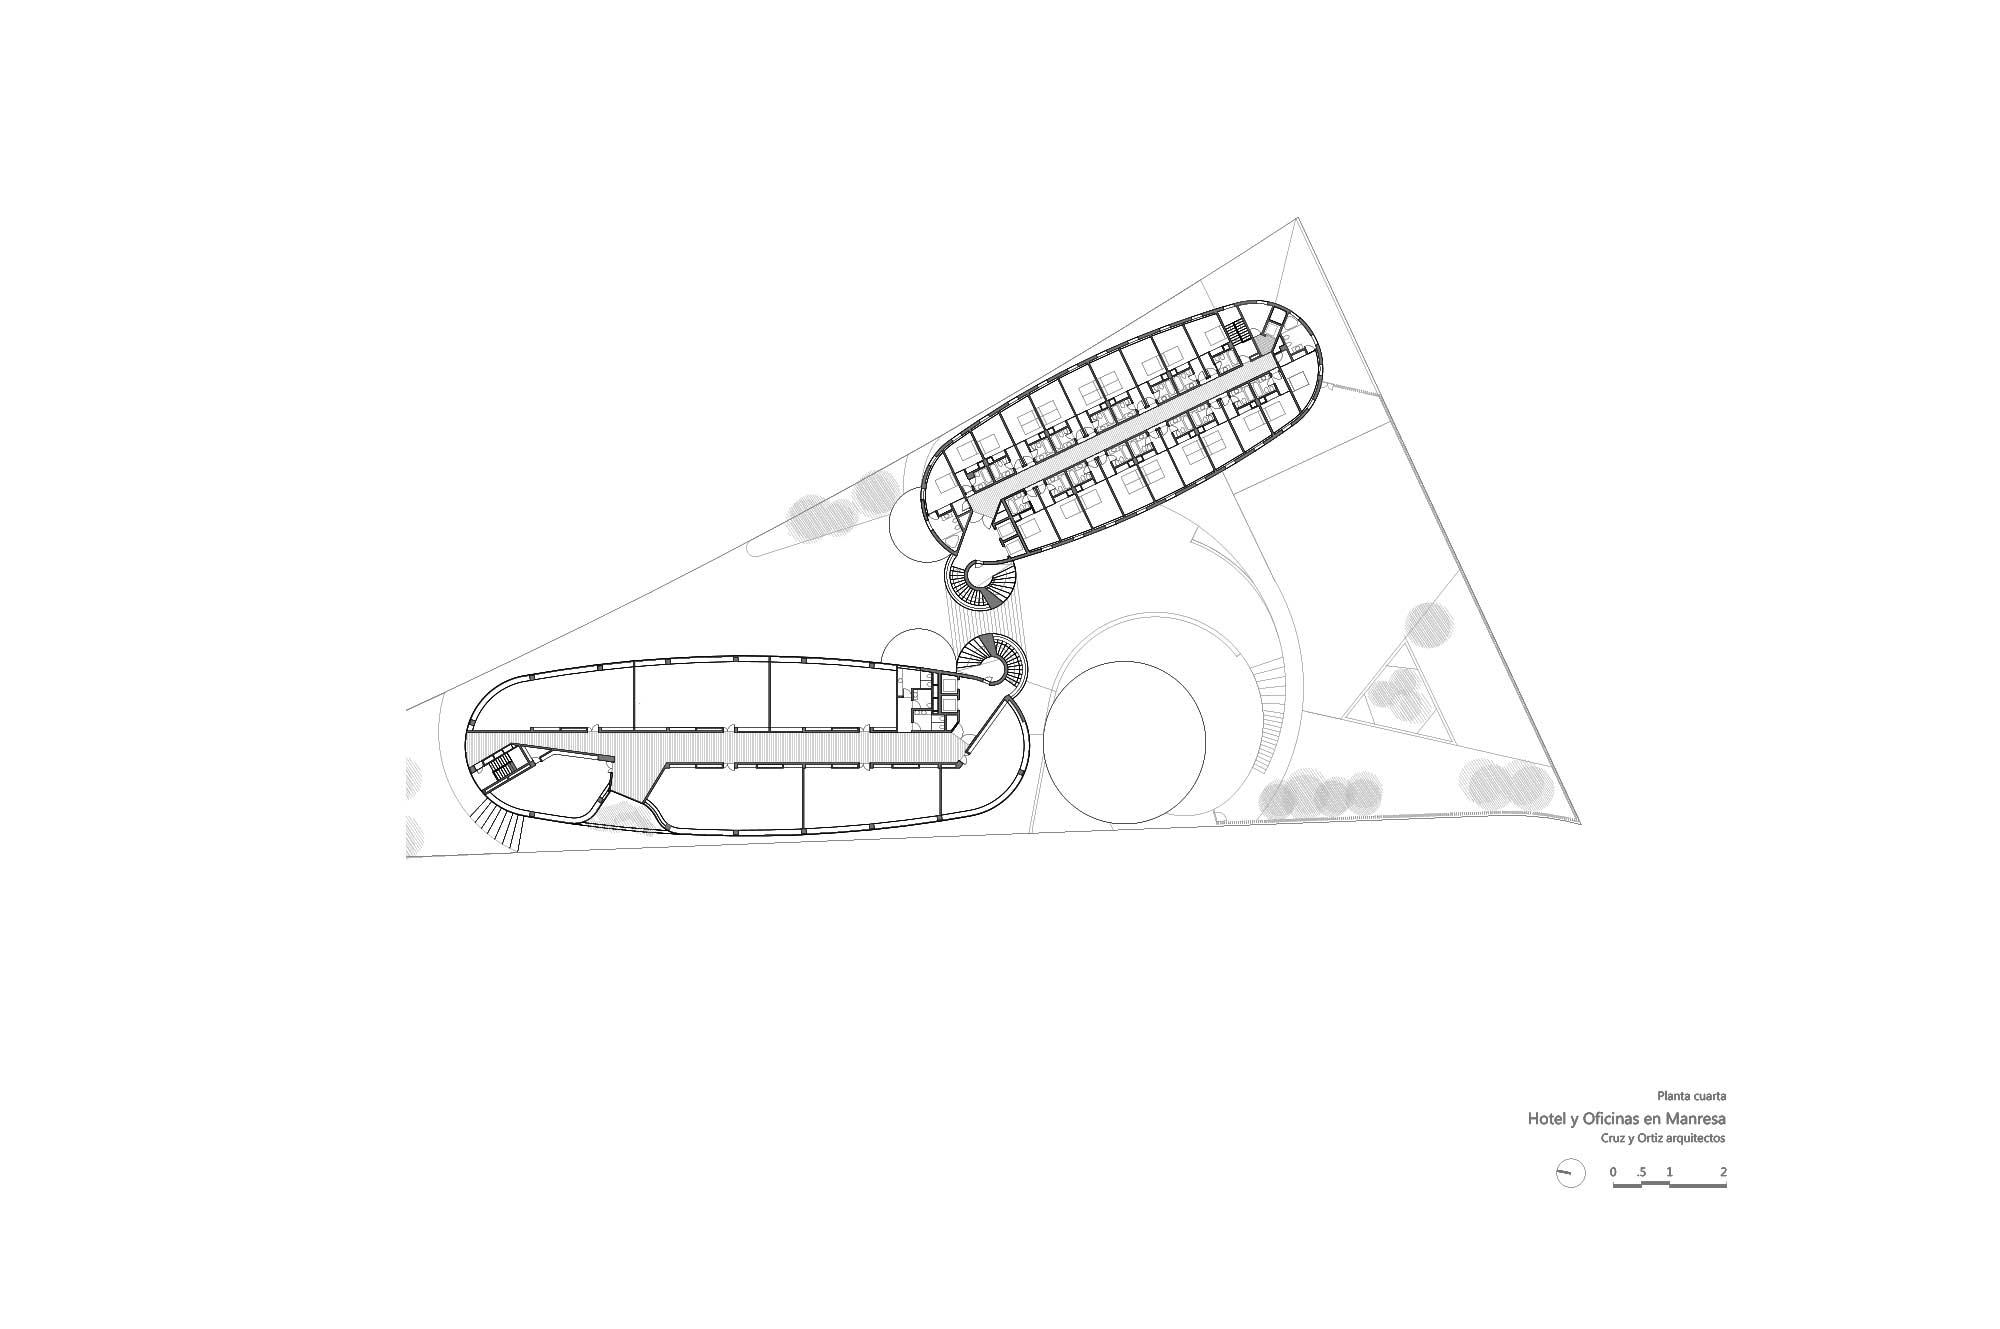 Cruz y Ortiz Arquitectos | 106-05_CYO_14-planta-cuarta